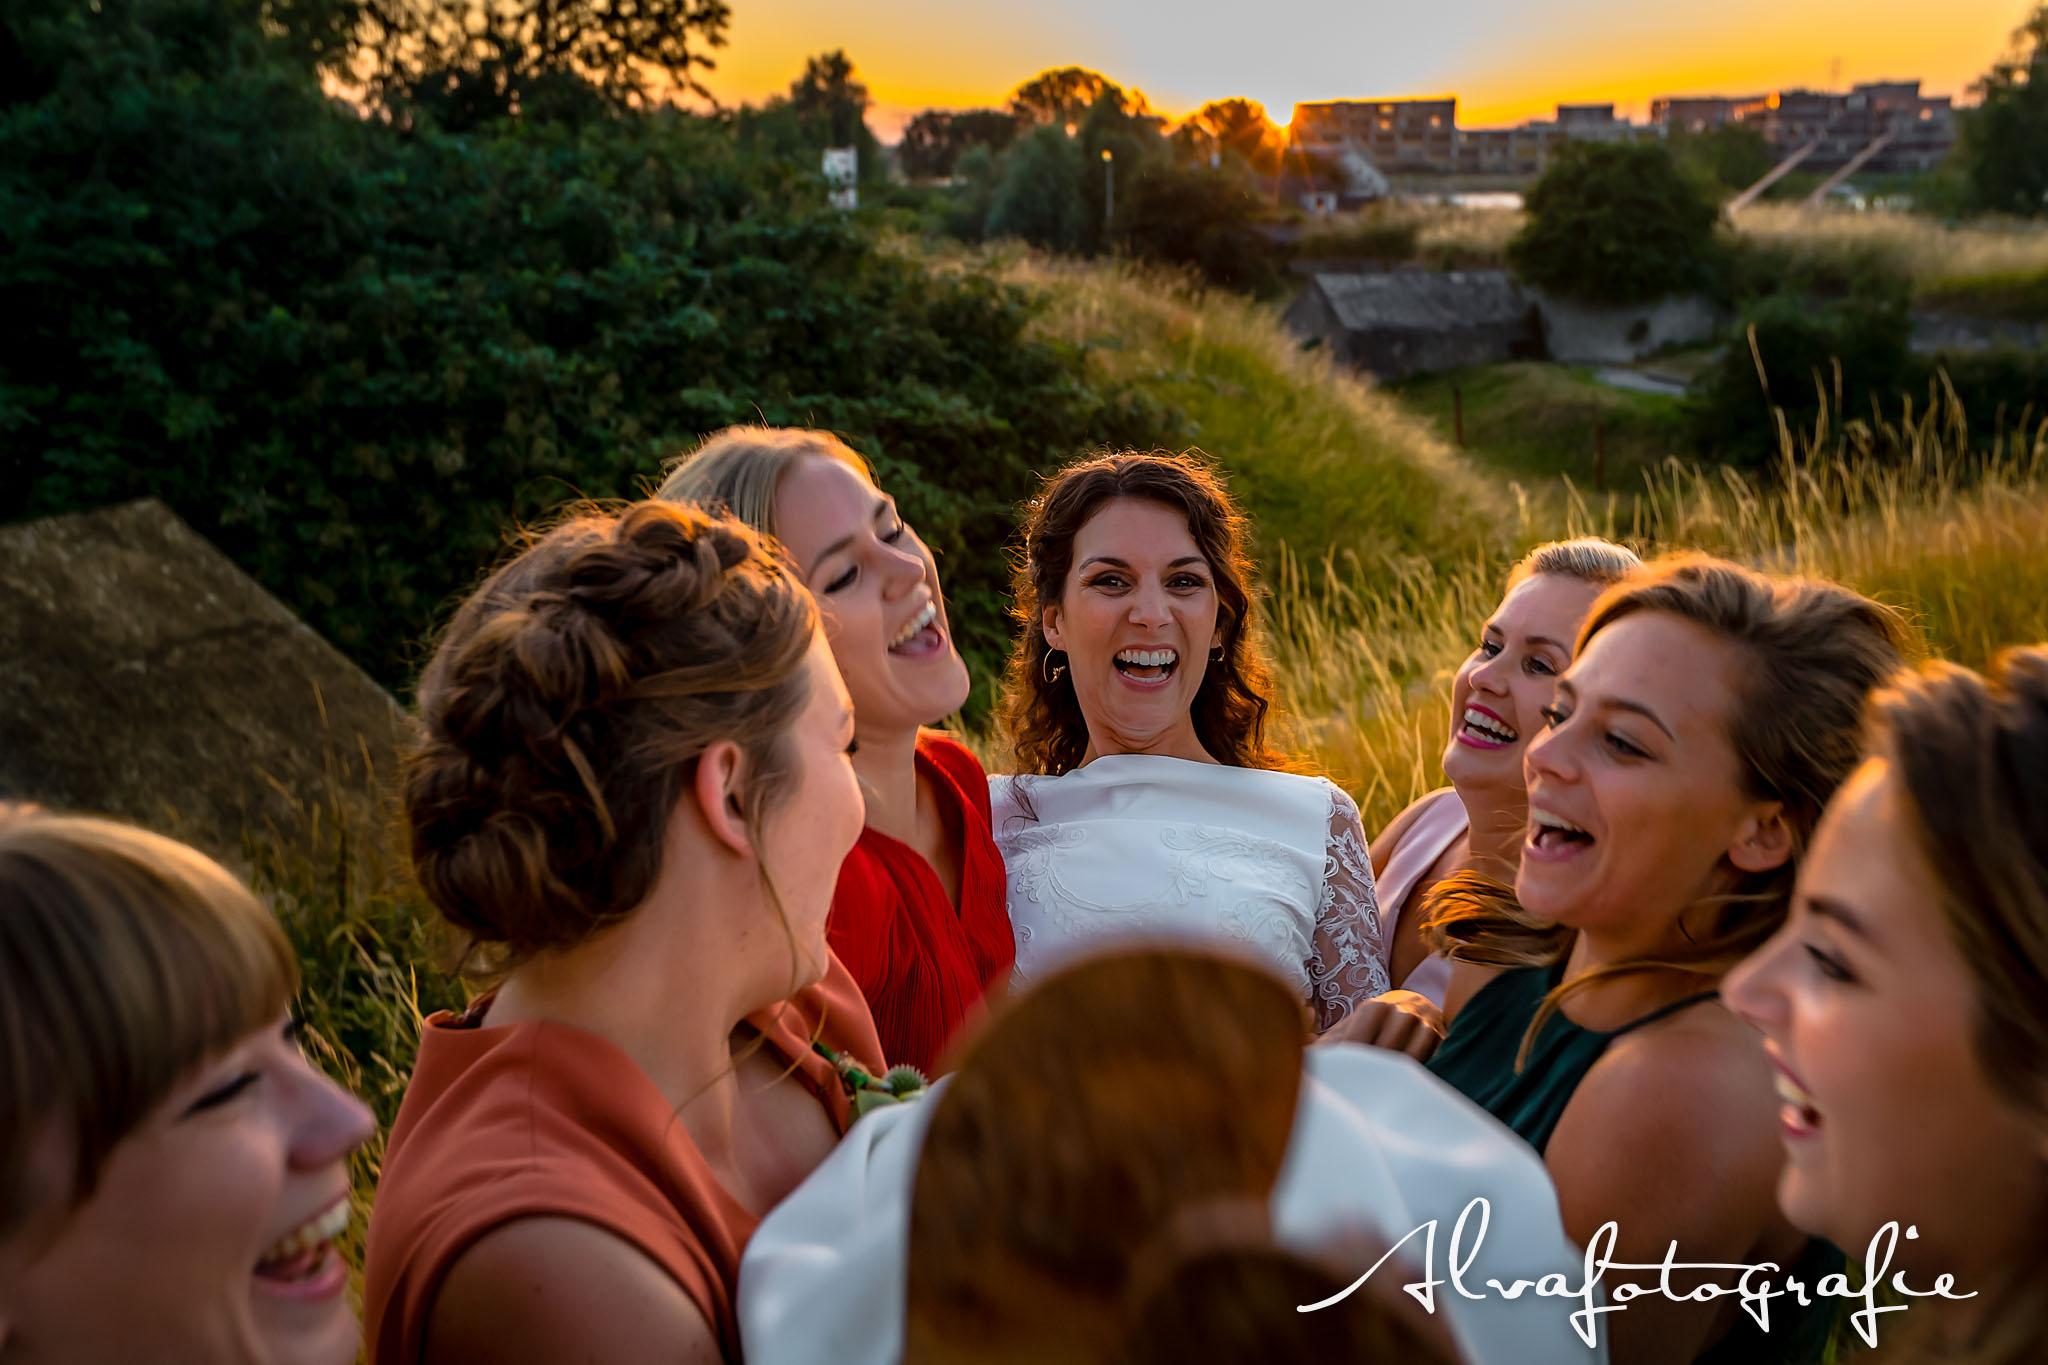 Bruiloft Maren en Tim Alvafotografie bruid wordt in de armen gehouden van haar vriendinnen